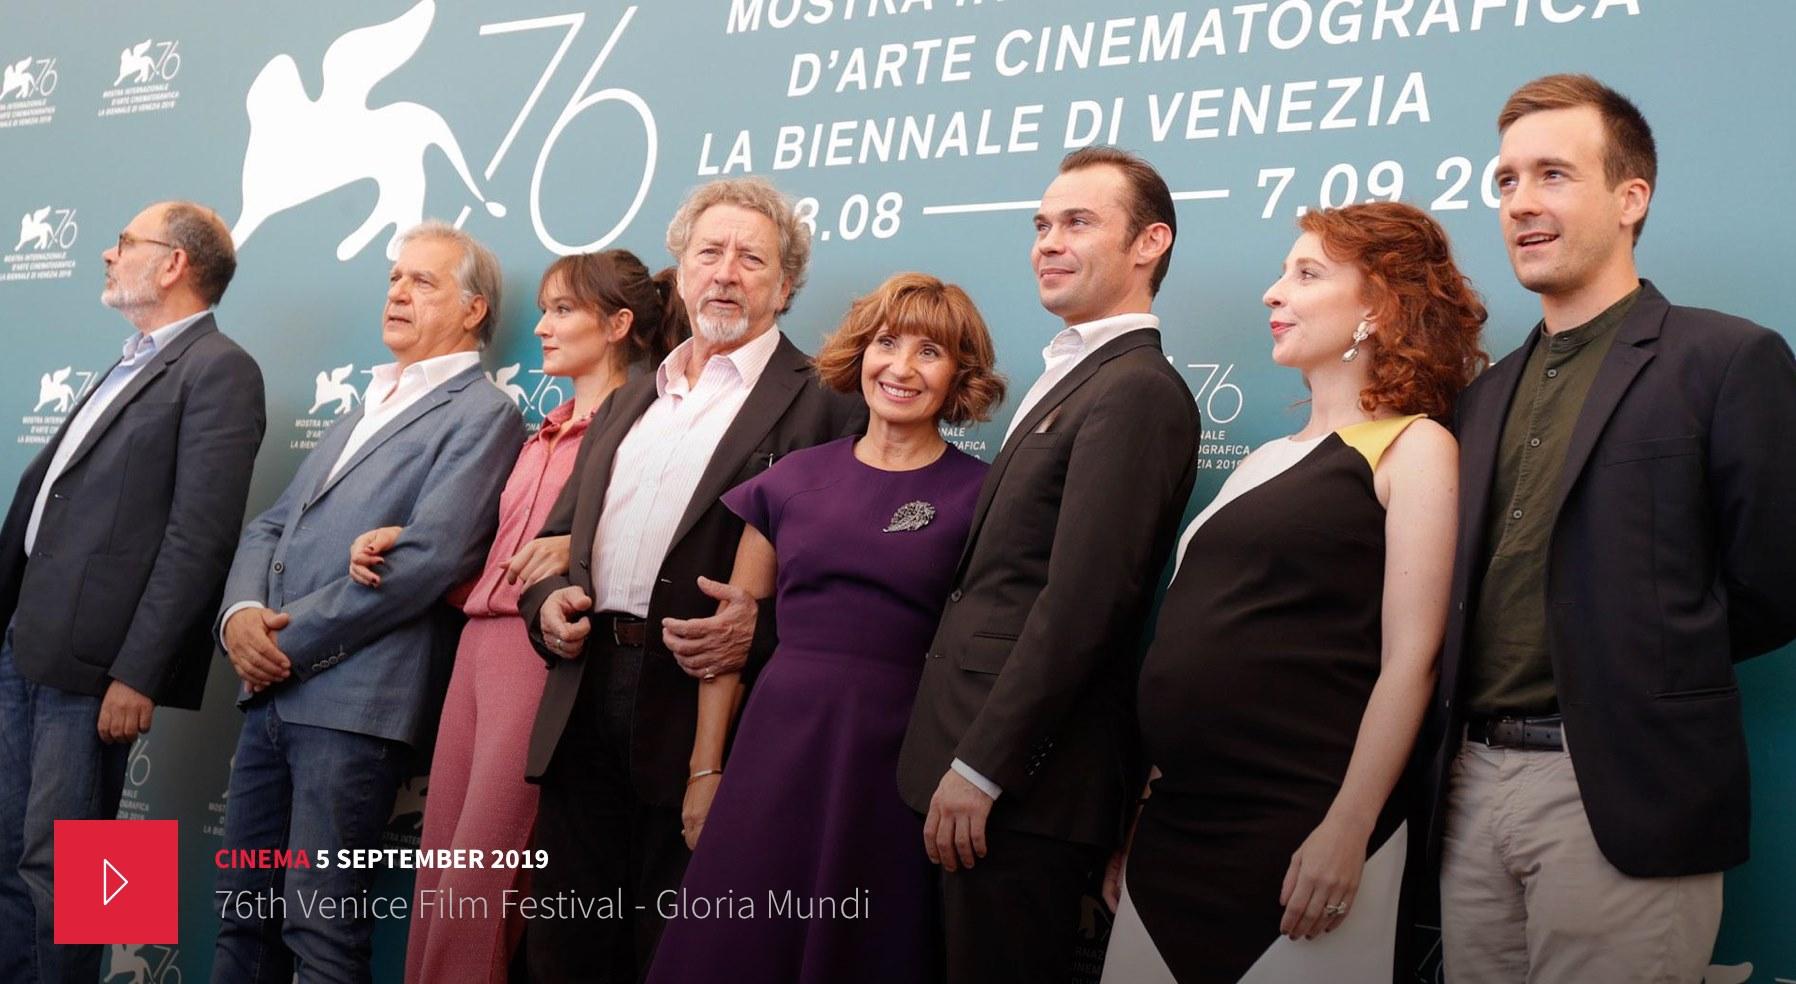 Mostra de Venise: prix d'interprétation féminine pour Ariane Ascaride !